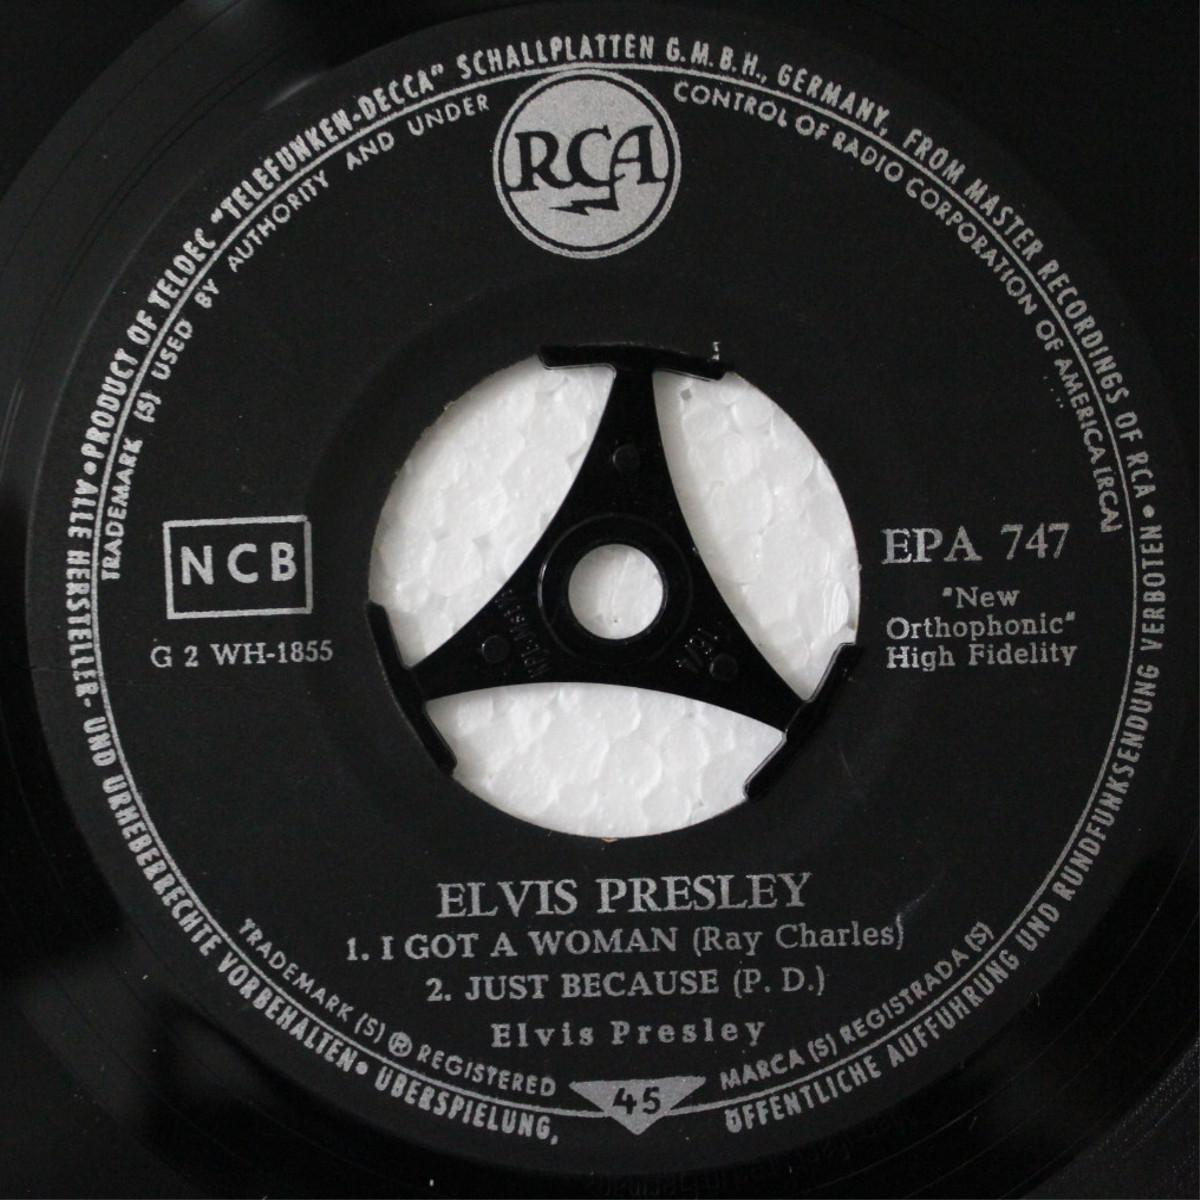 ELVIS PRESLEY Epa747db4jh2